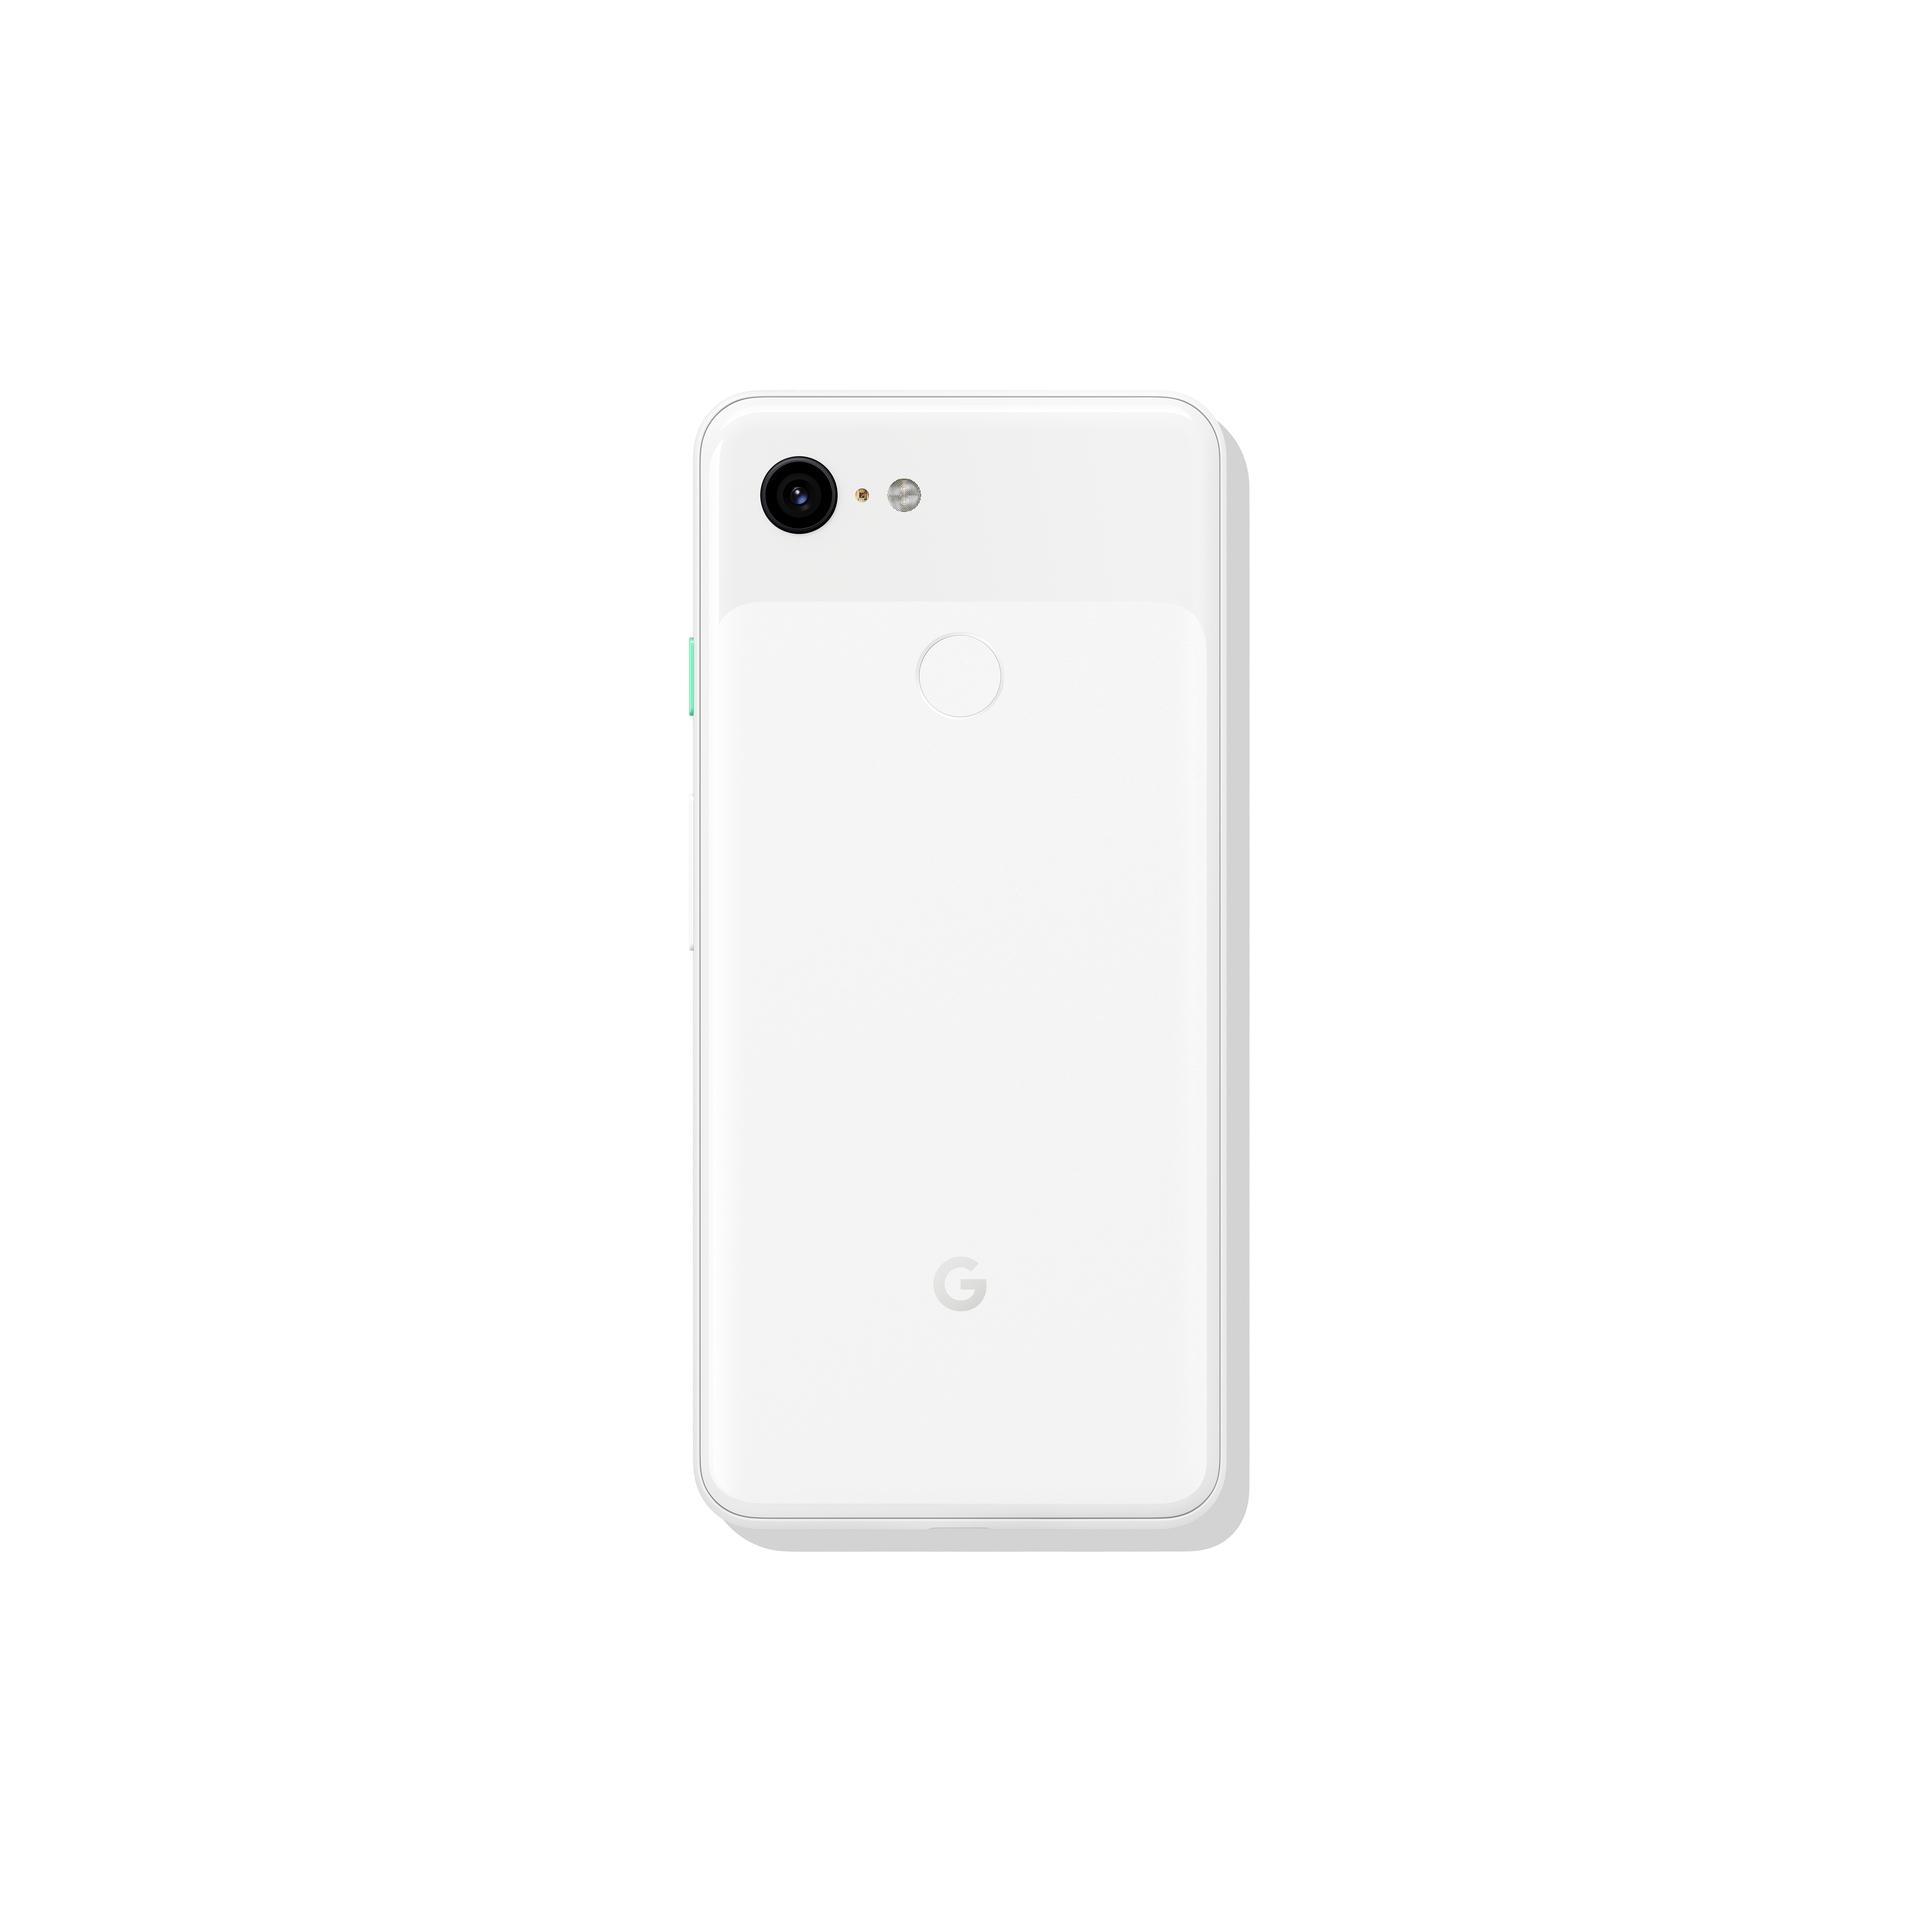 Google Pixel 3 in white (back)